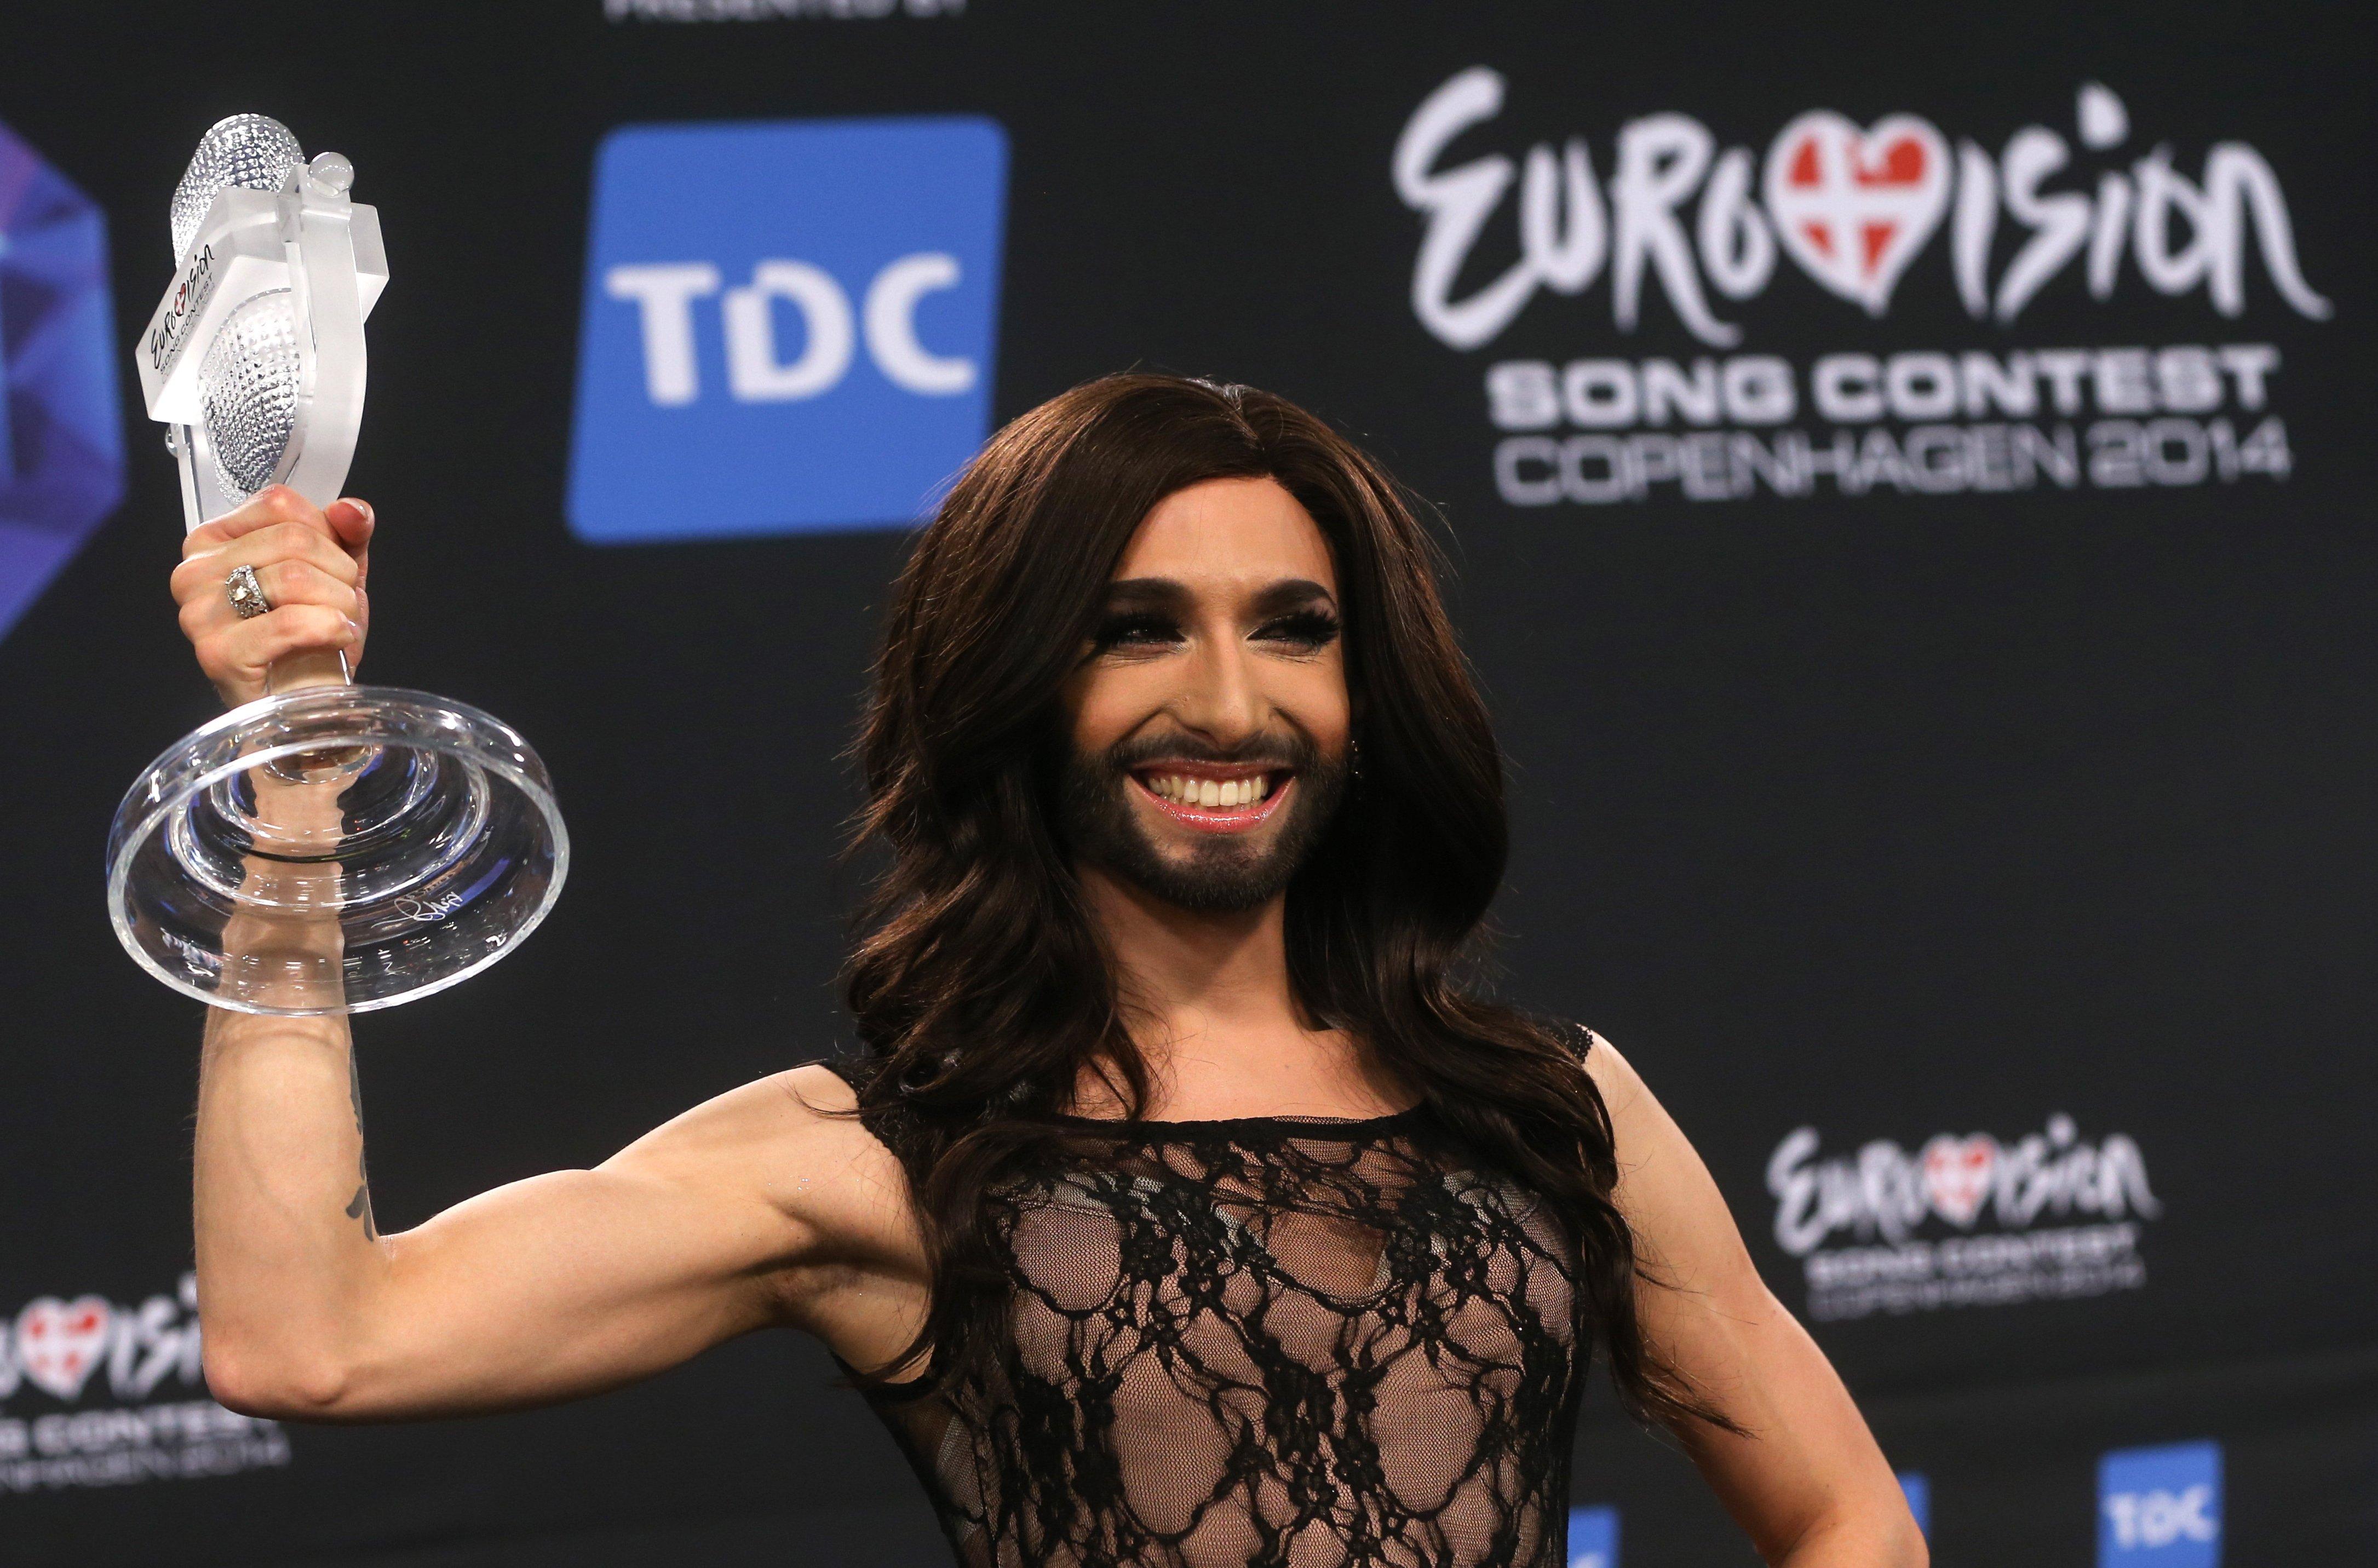 Кончита Вурст заявила о своем положительном ВИЧ-статусе